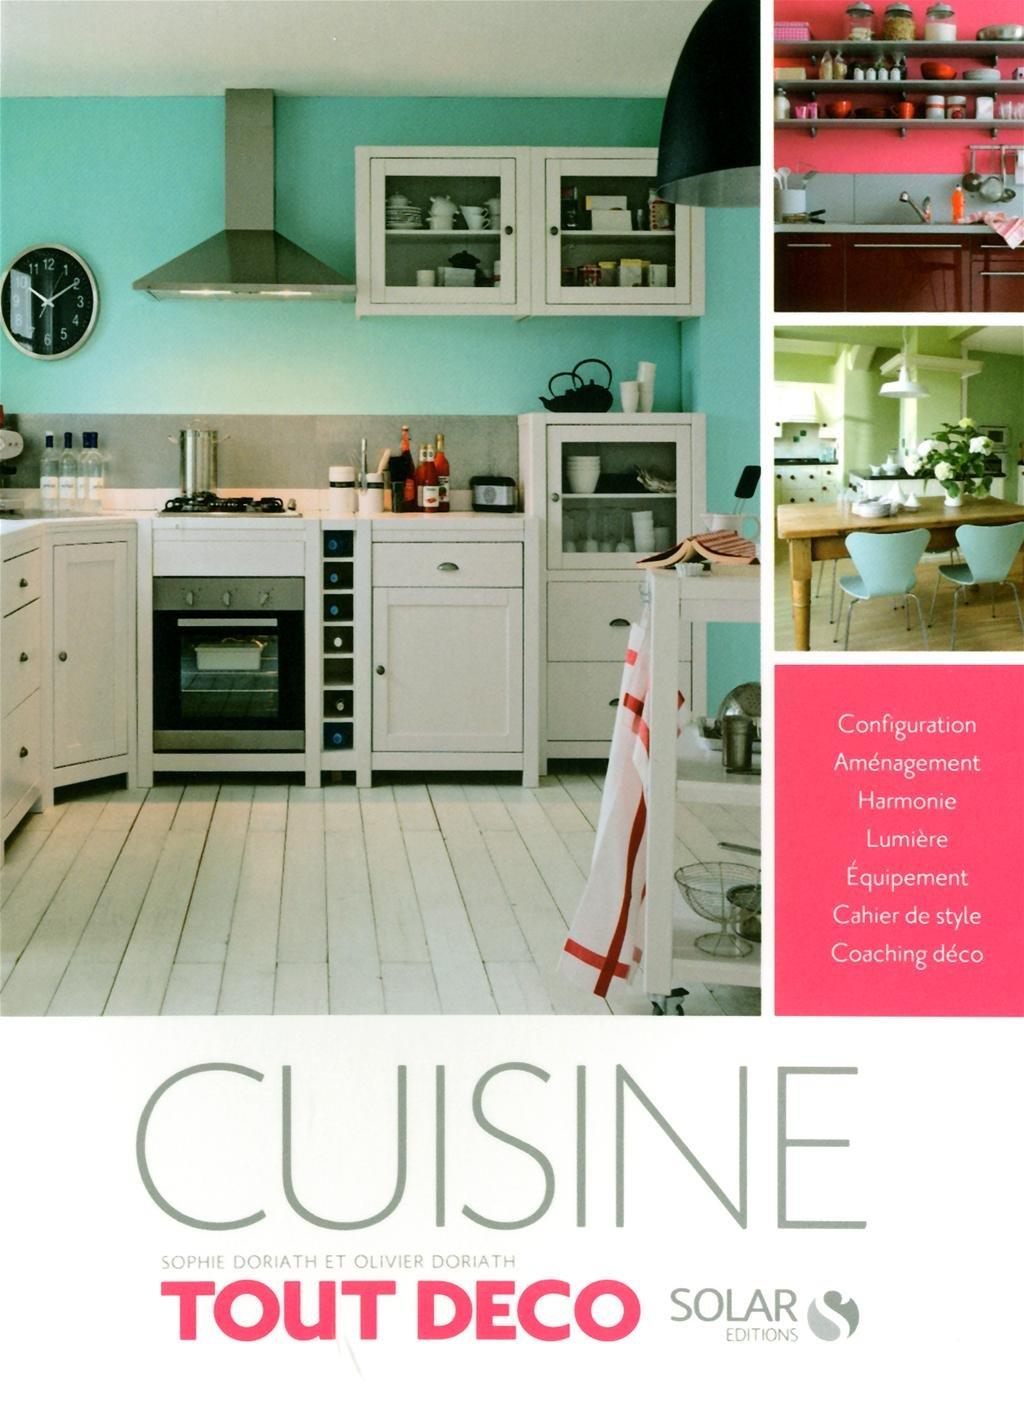 Cuisine (Tout Déco): Amazon.es: Doriath, Olivier, Doriath, Sophie